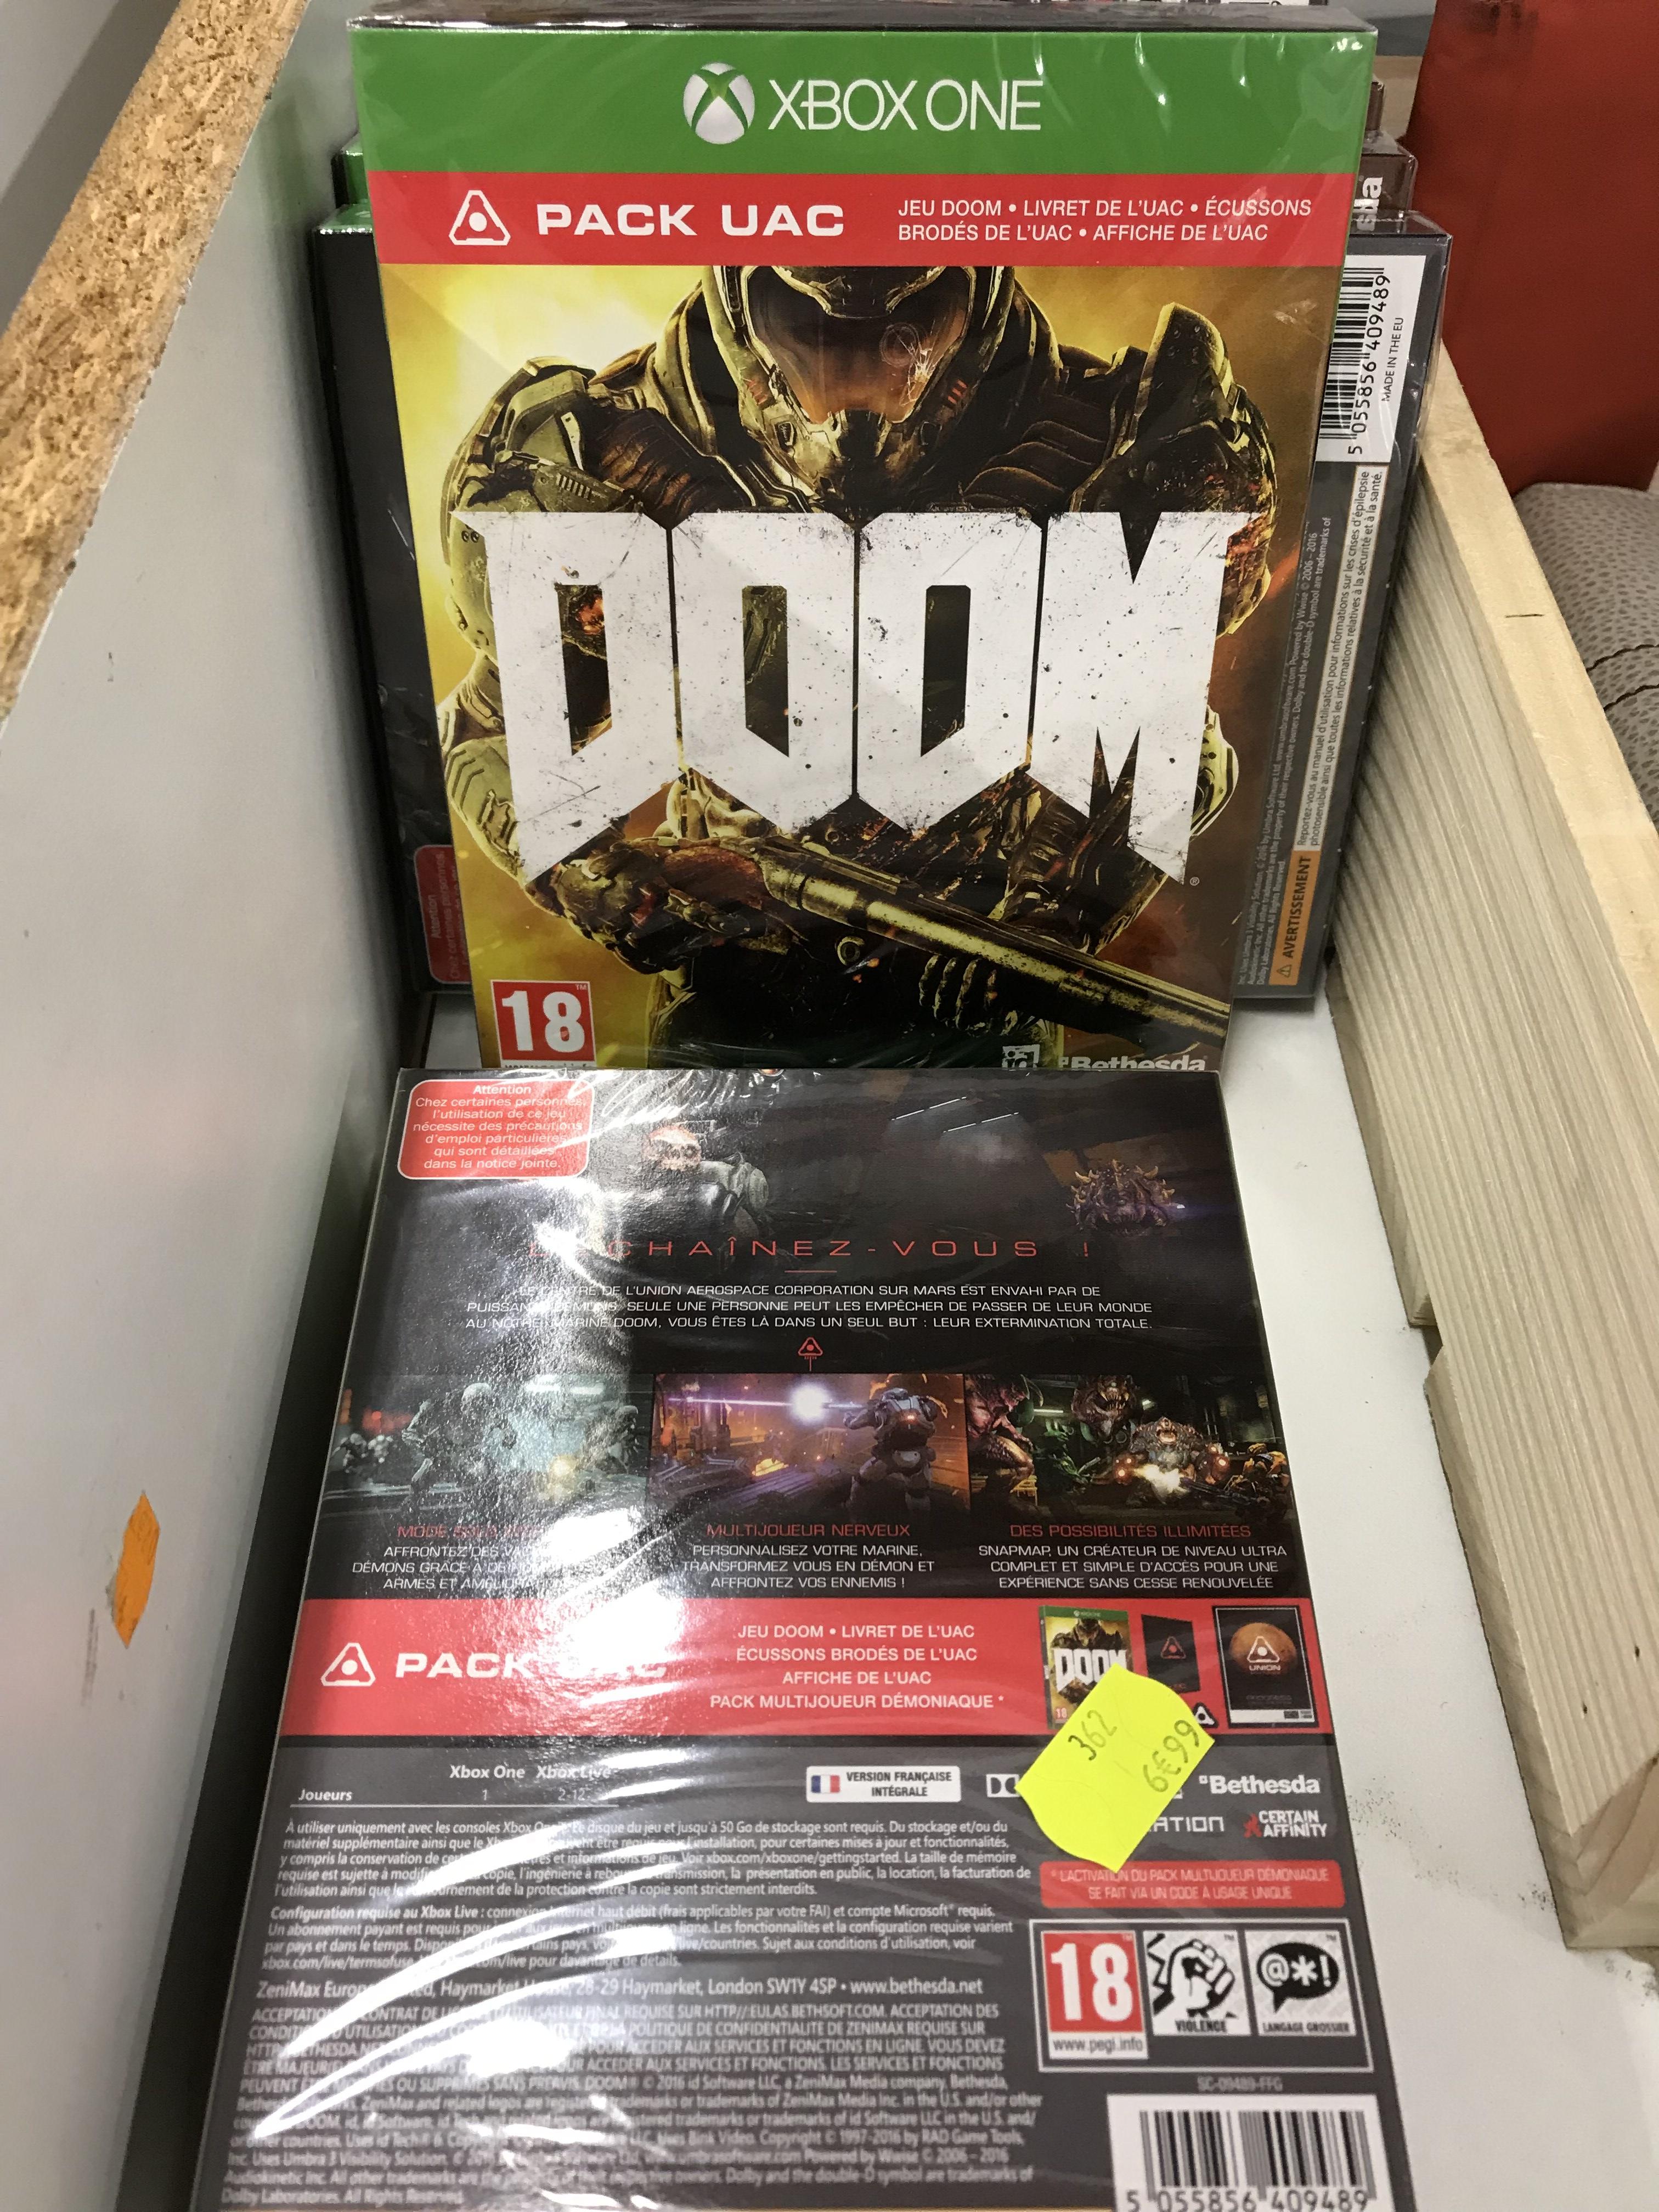 Jeu Doom: Pack UAC pour Xbox One - Max Plus Mans (72)